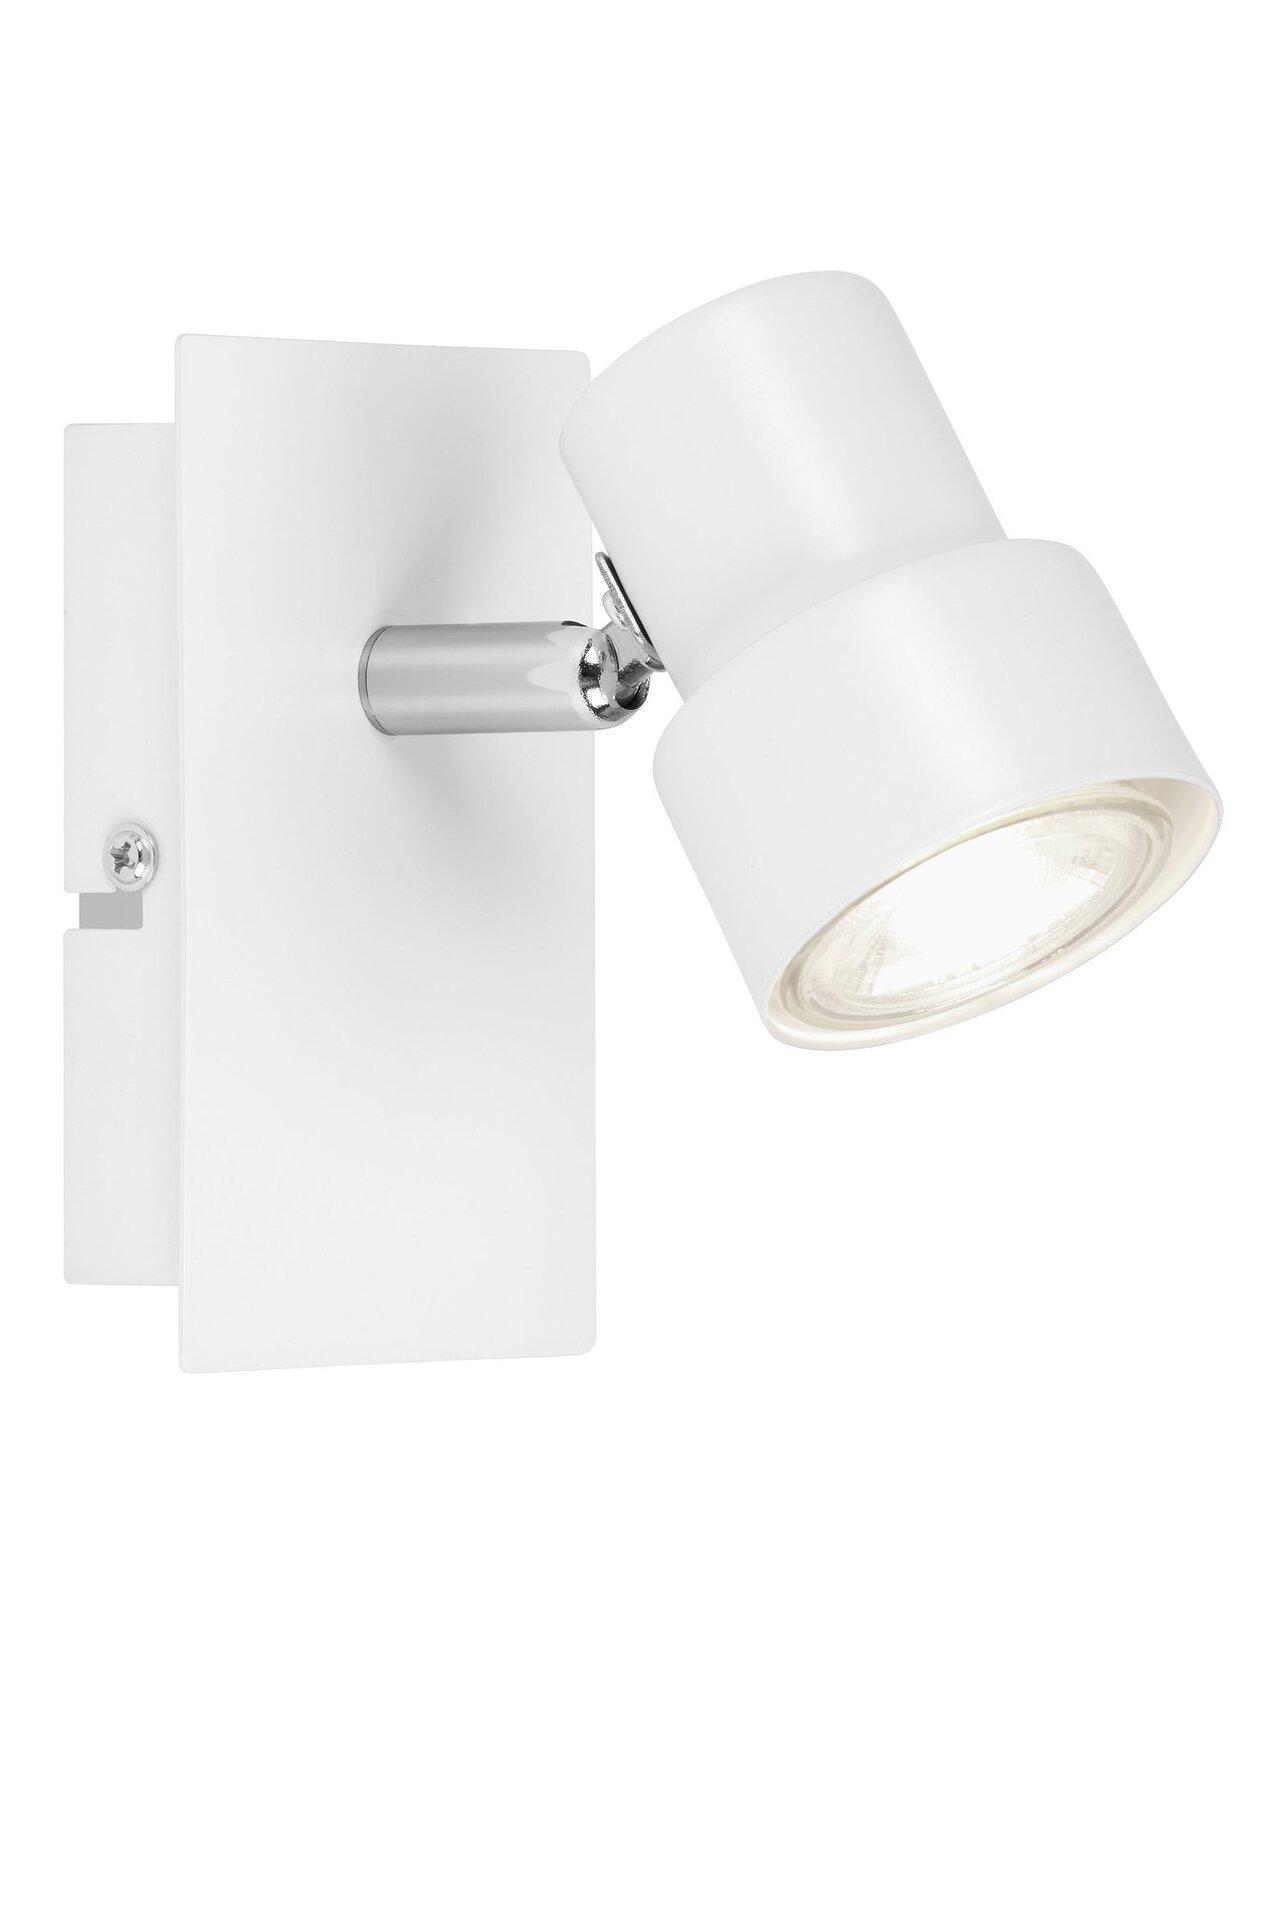 Strahler Spot White Briloner Metall weiß 8 x 12 x 12 cm